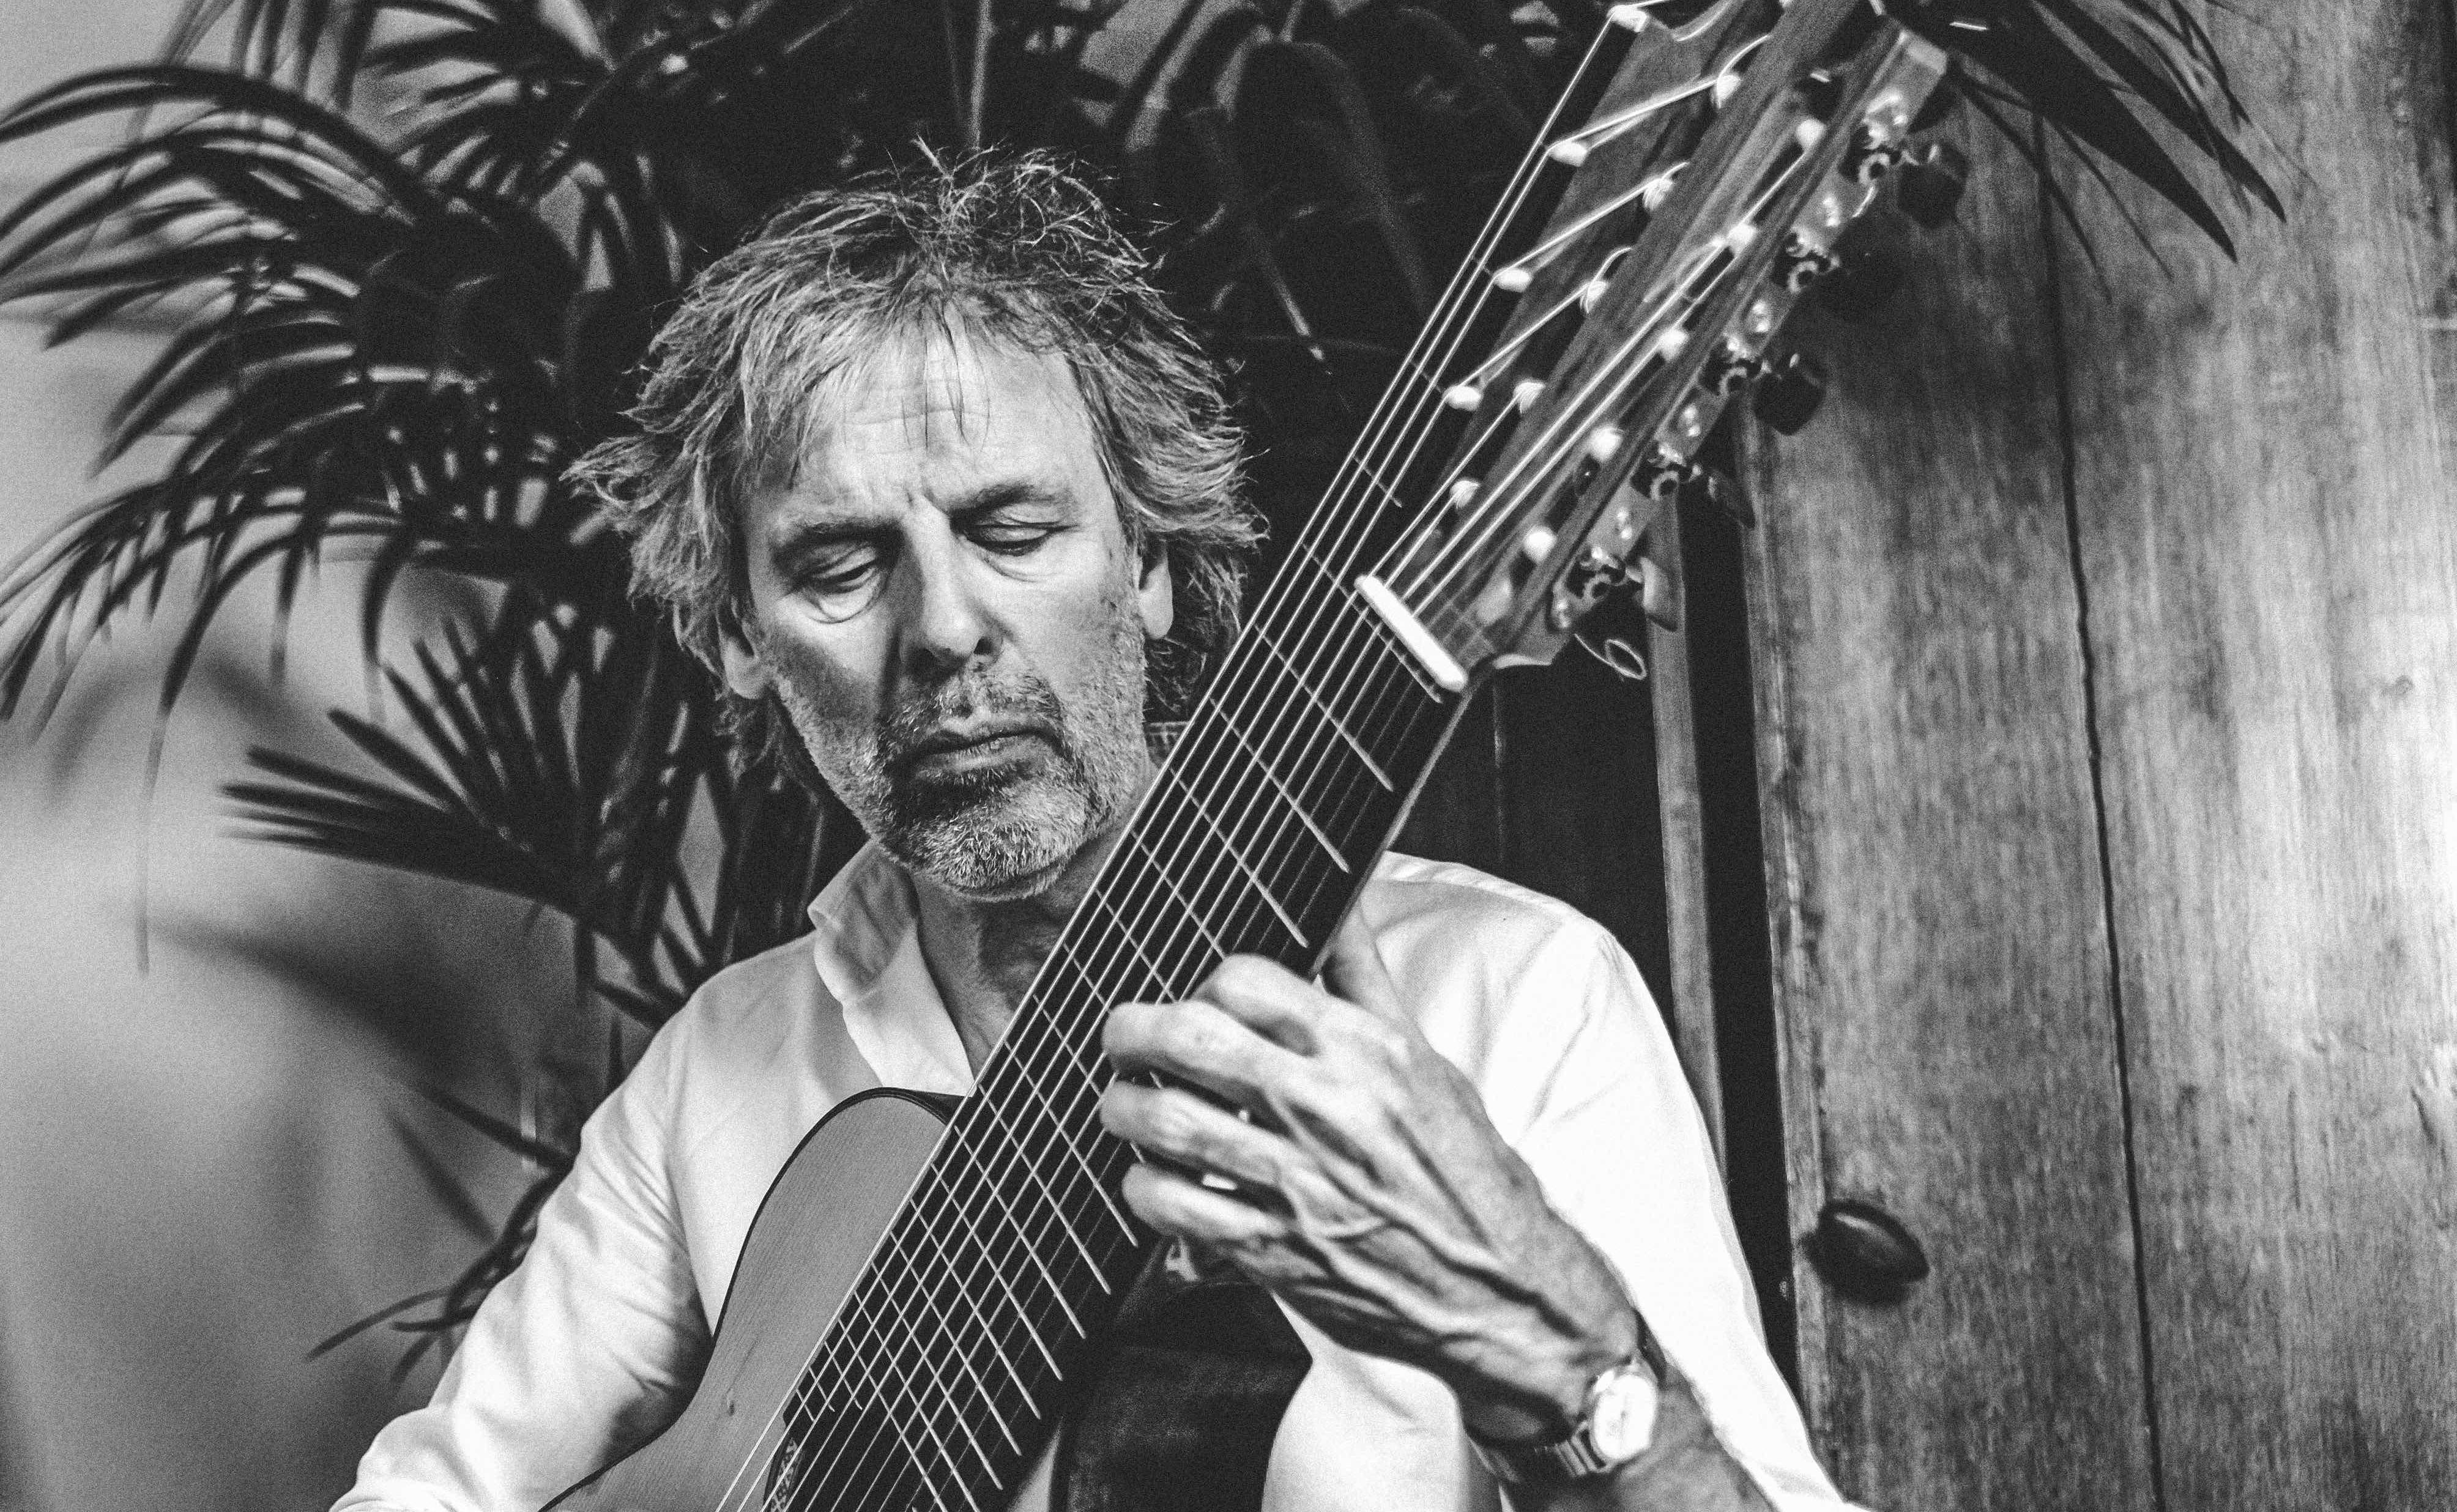 Enkhuizer gitarist Pieter Nanne Groot kreeg door corona weer tijd voor zijn eigen muziek: 'Ik ben tot de essentie gekomen'